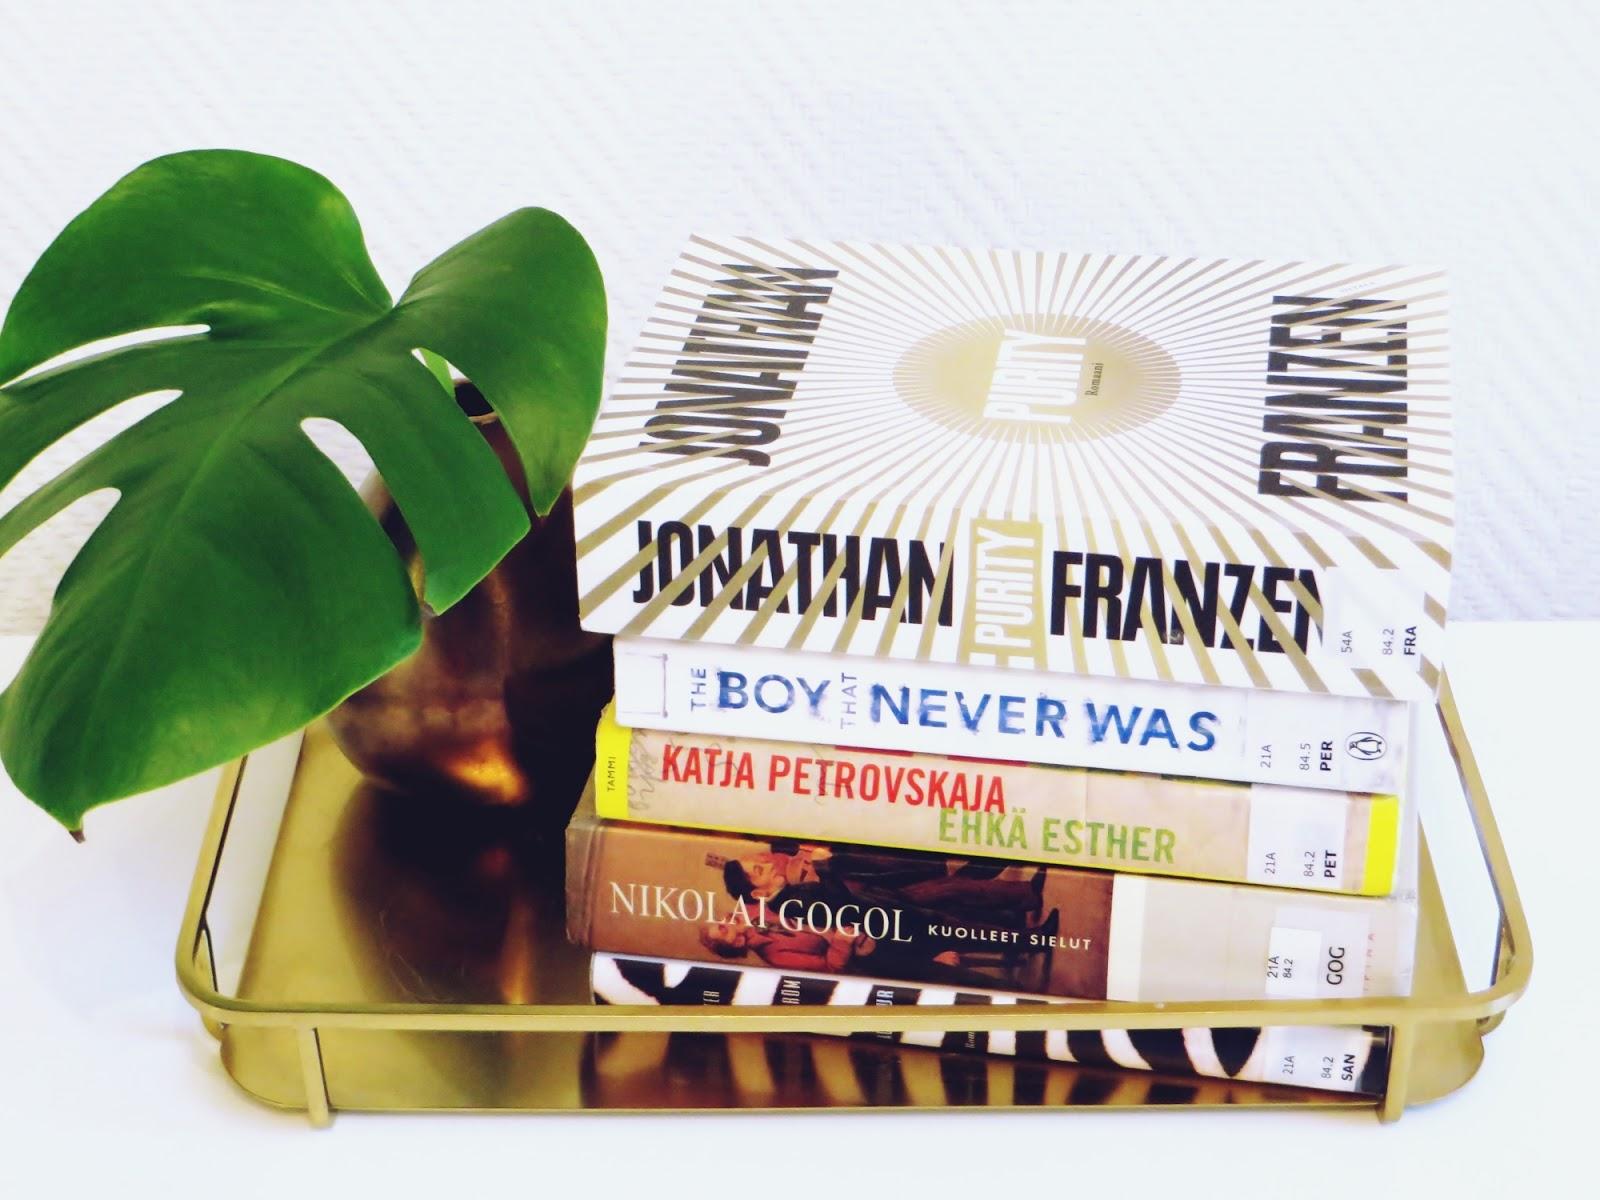 kirjat, books, peikonlehti